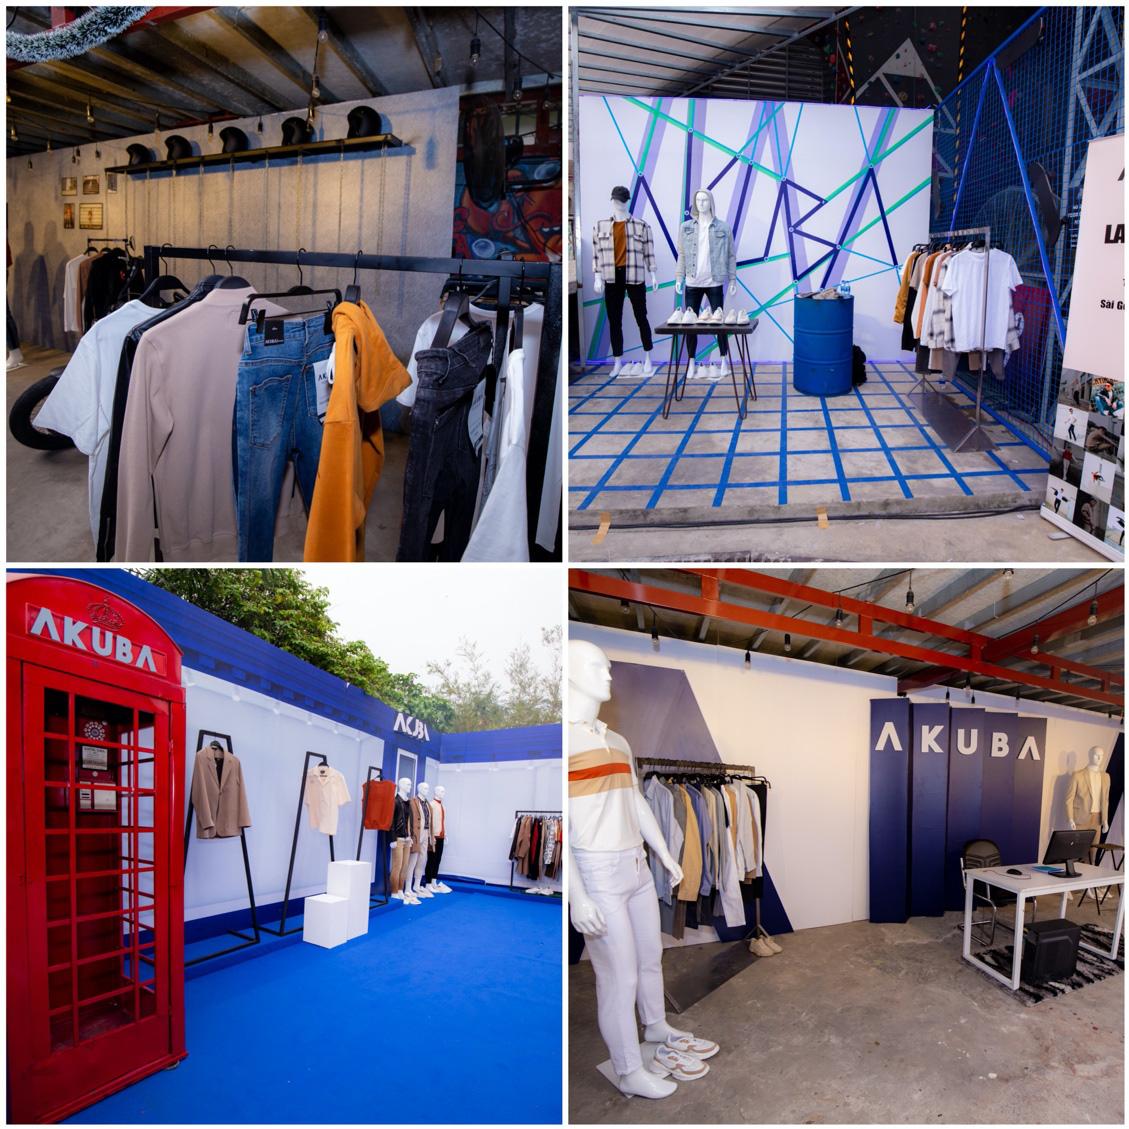 Akuba – Một không gian thời trang ứng dụng thoải mái dành cho những chàng trai năng động vừa xuất hiện tại Sài Gòn - Ảnh 2.